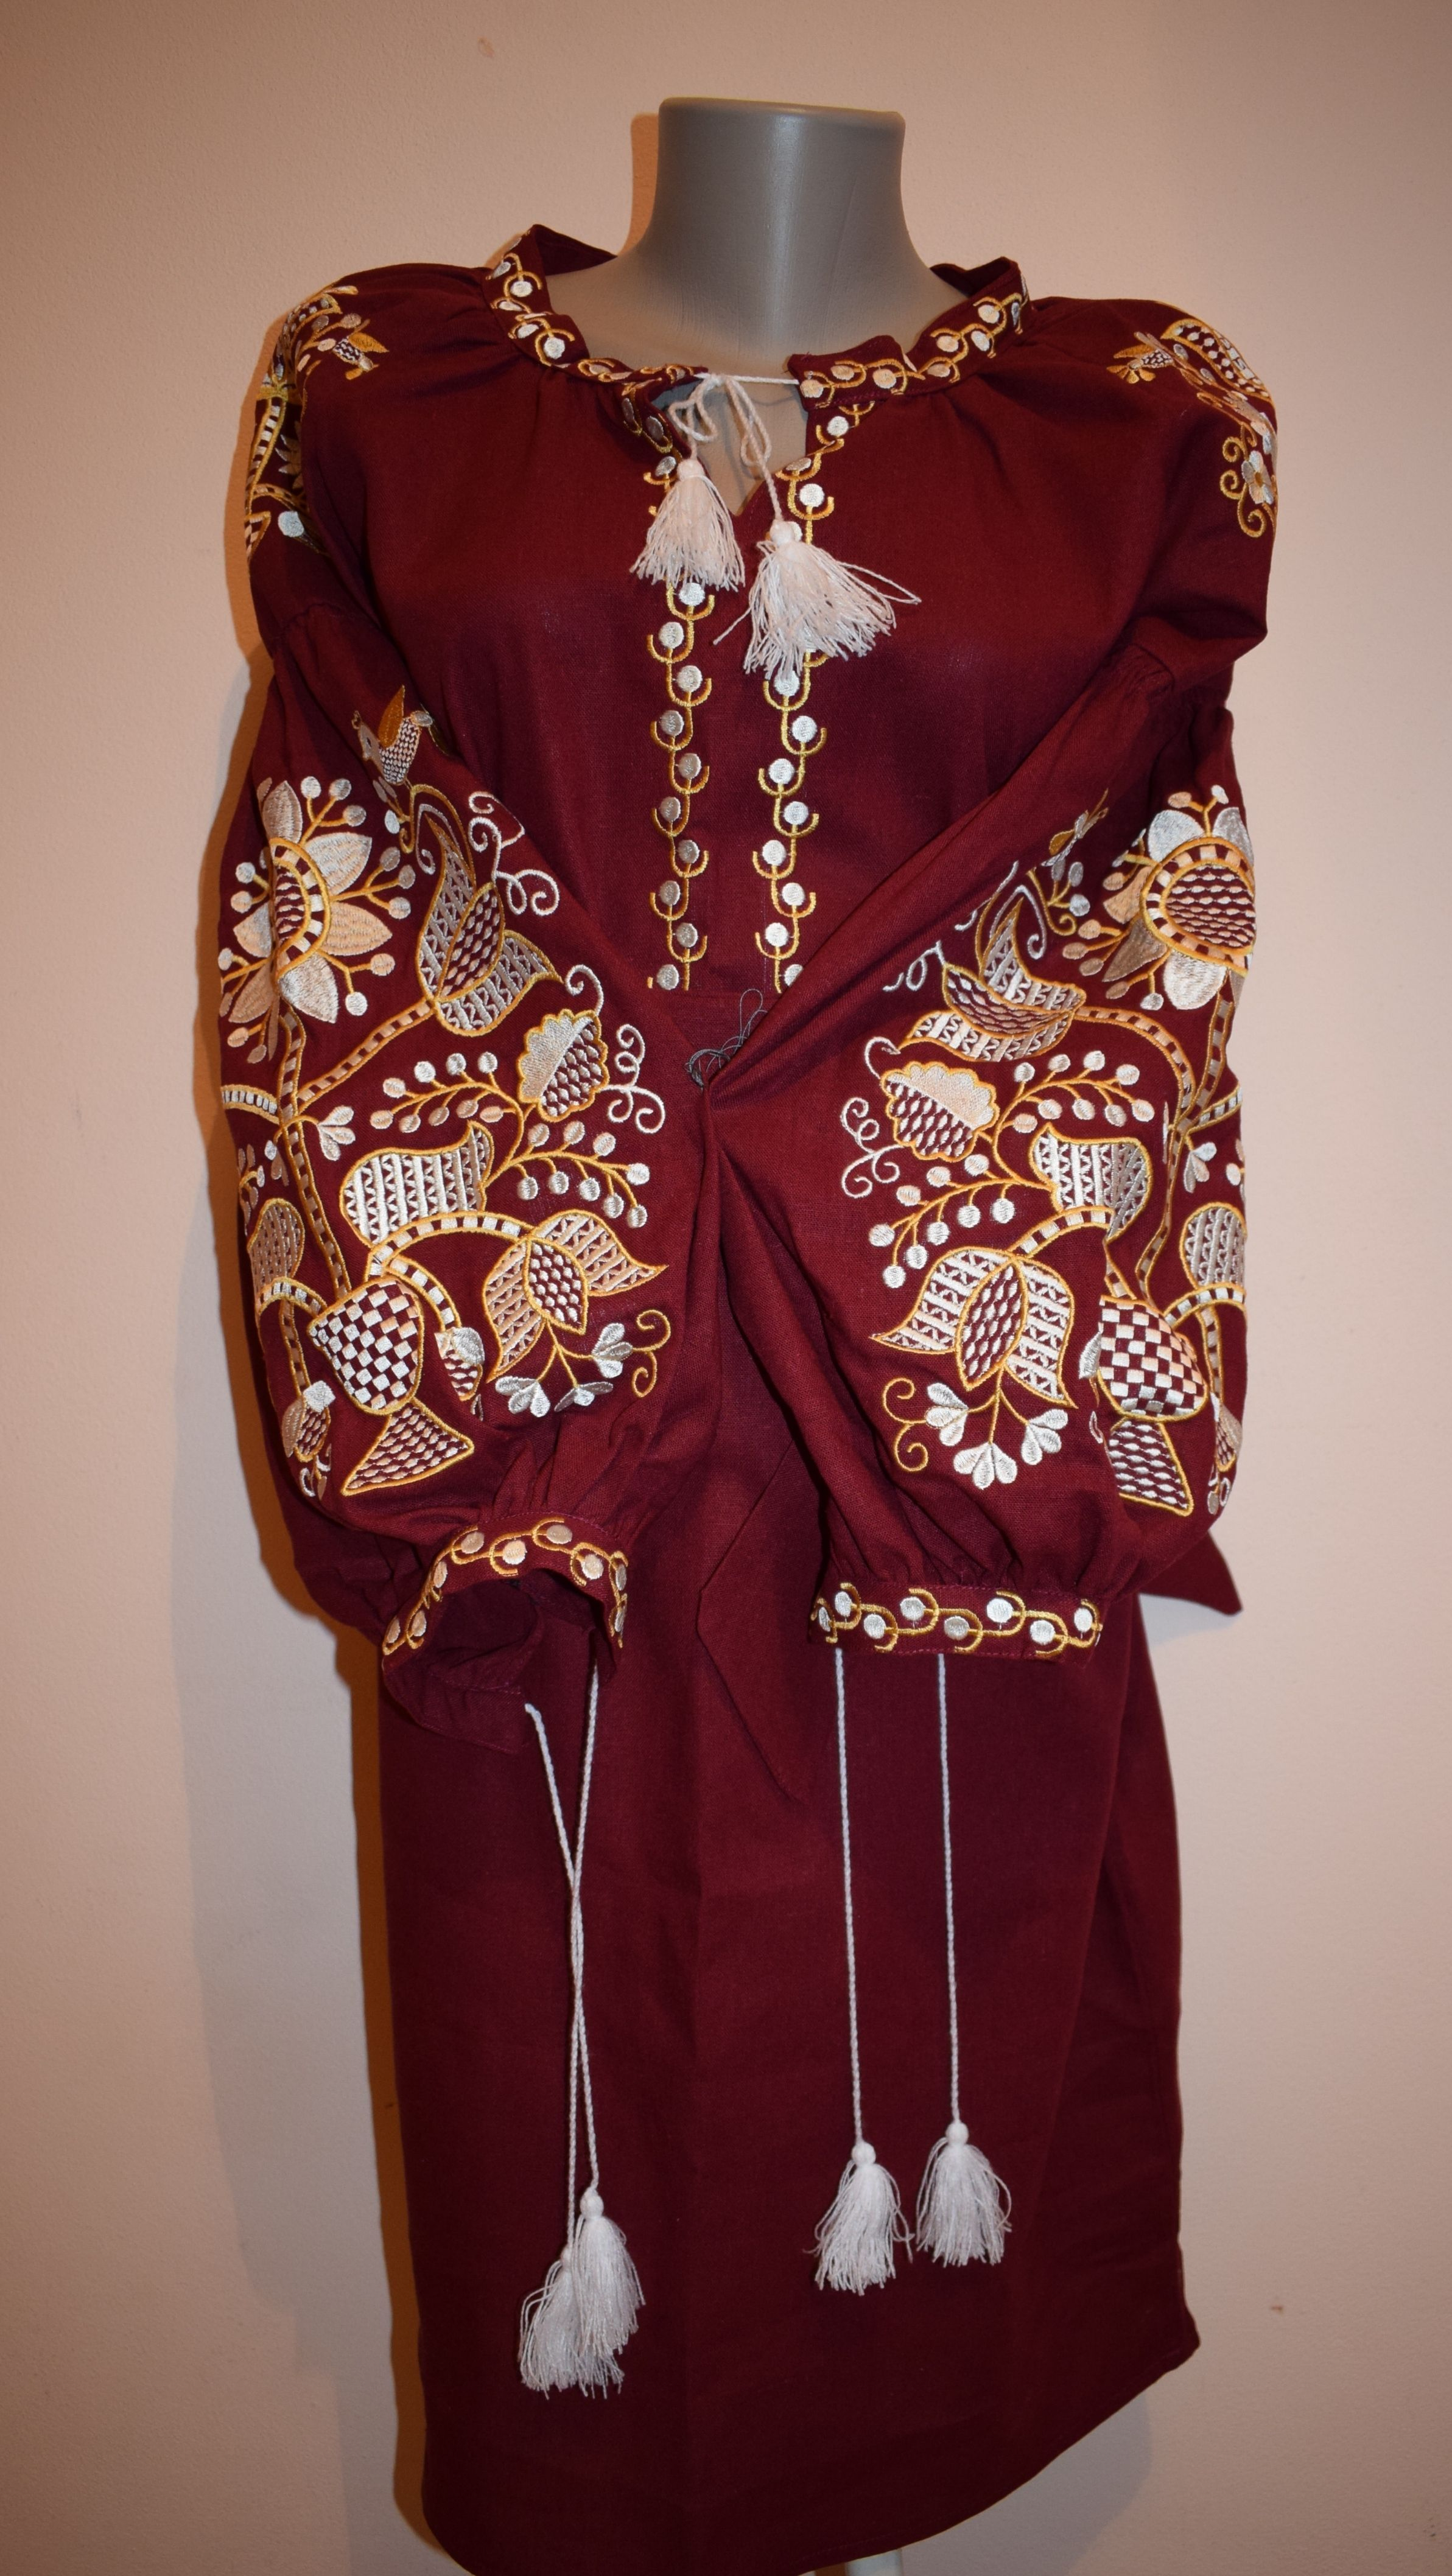 Вишита сукня завдовжки до коліна з довгими пишними рукавами. Модель  виготовлена з натуральної тканини e8235ad438467